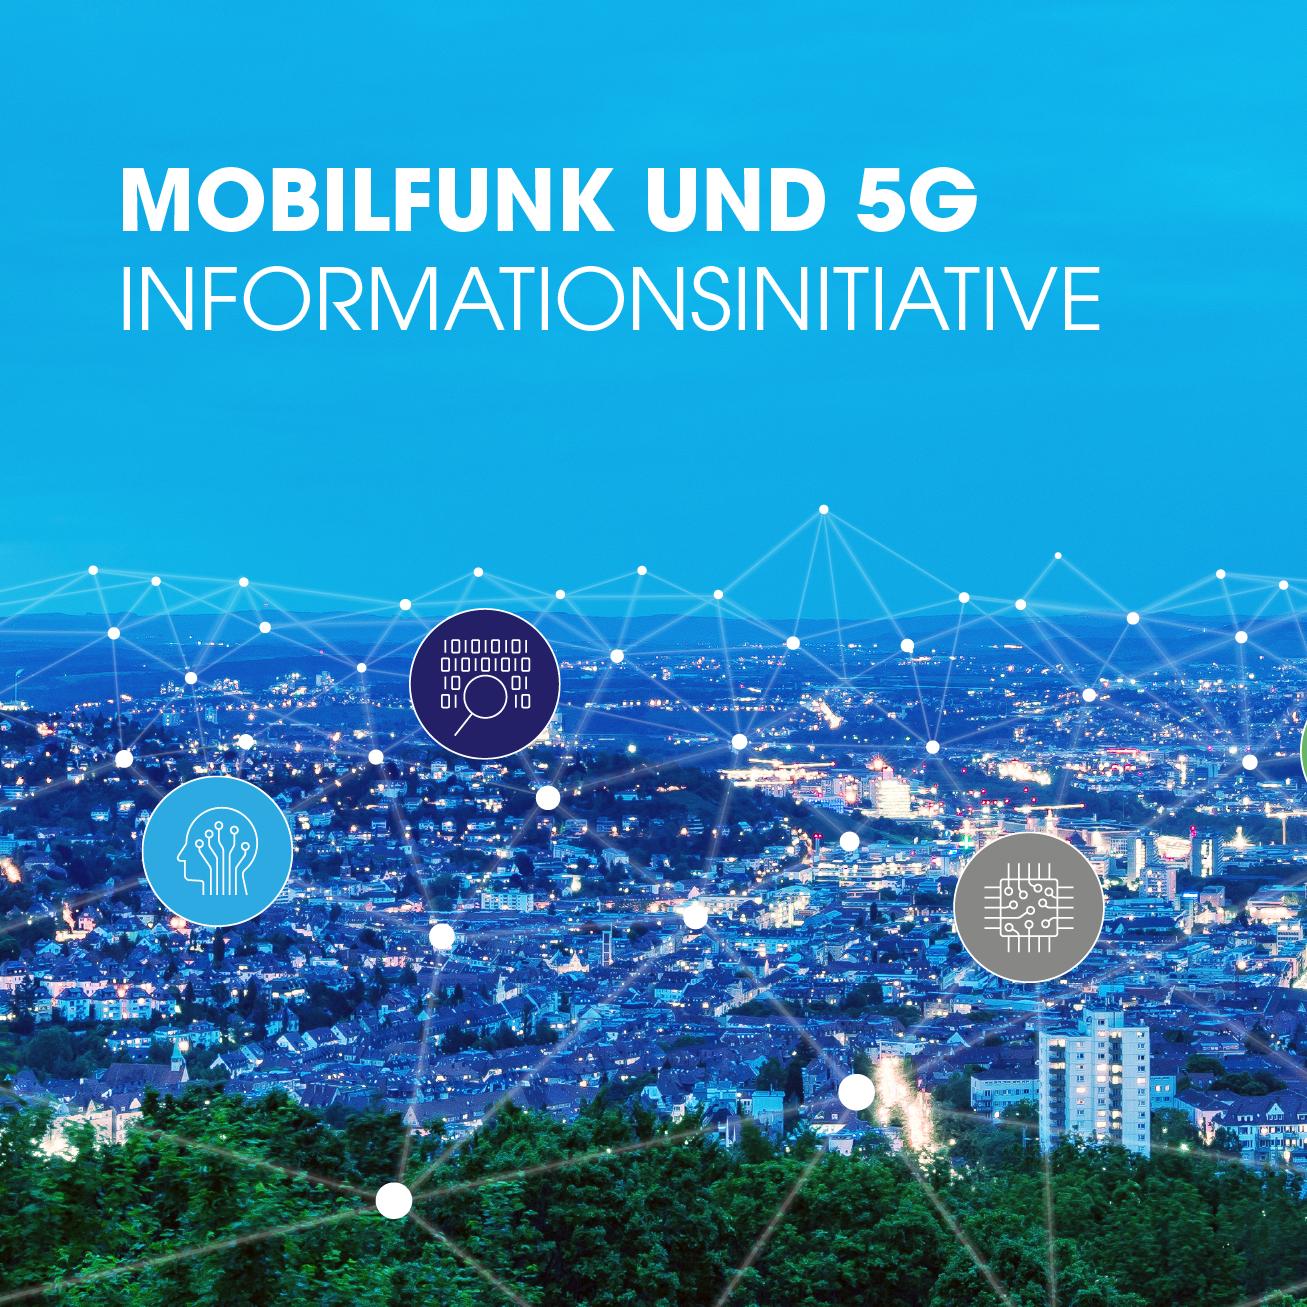 Mobilfunk und 5G